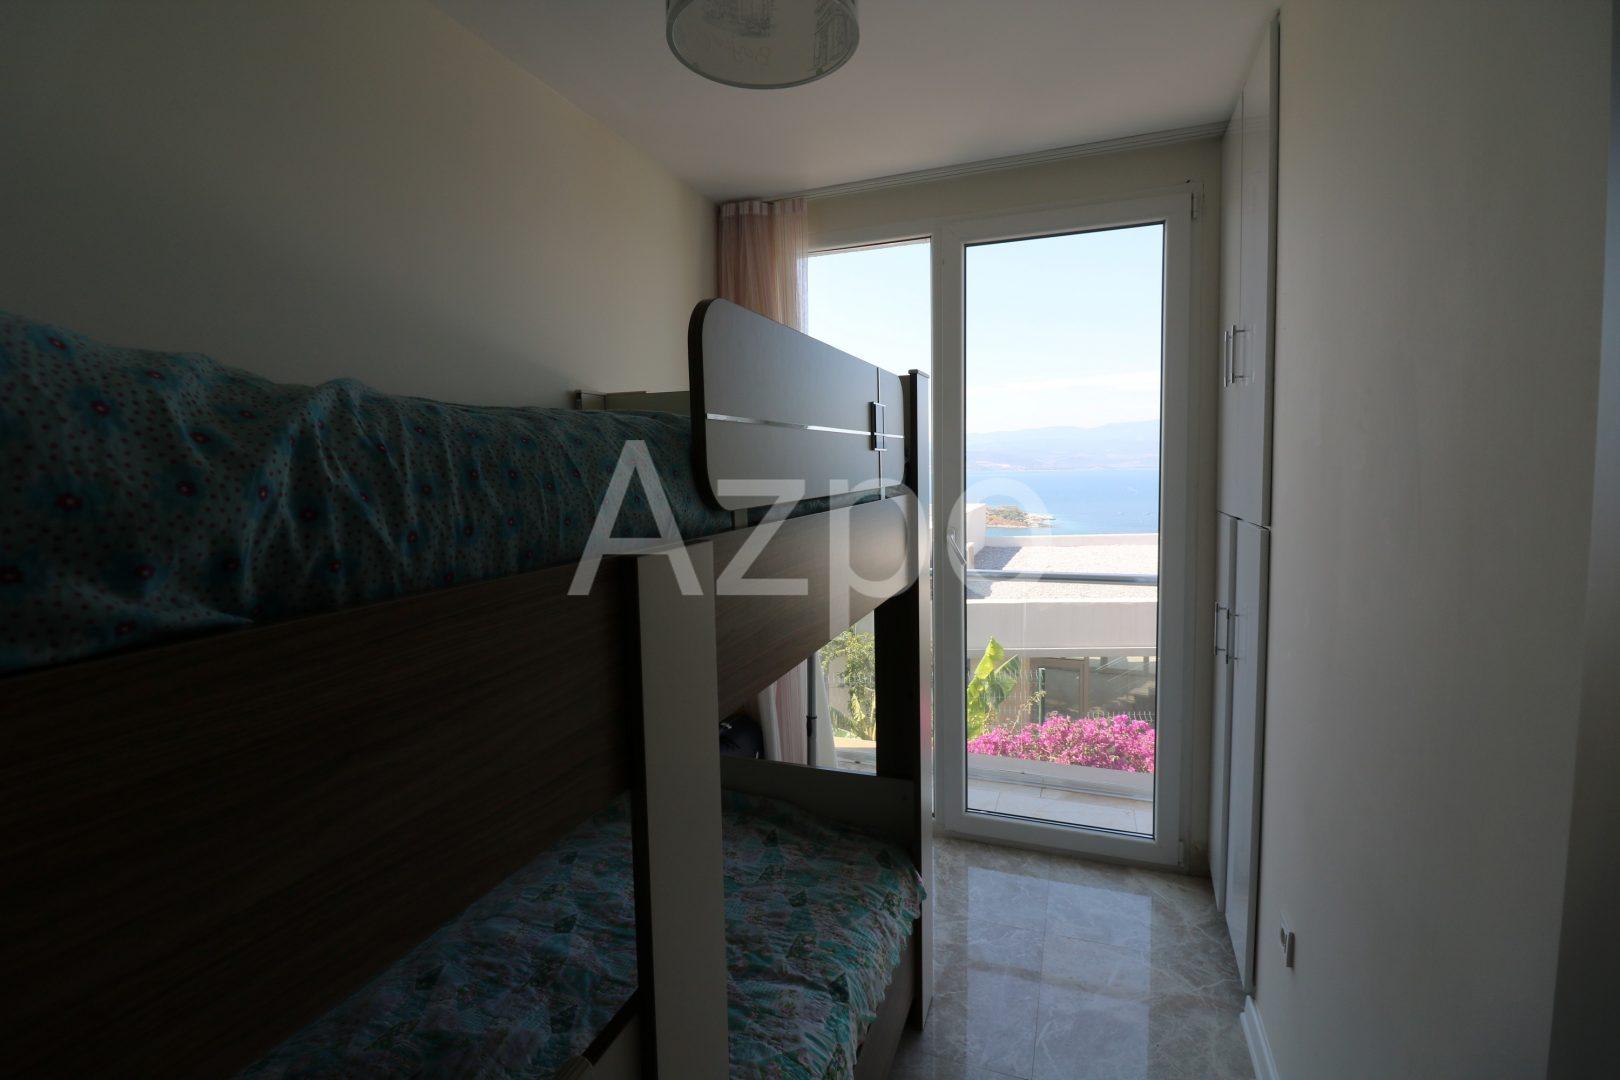 Квартира 2+1 в Бодруме с видом на морe - Фото 16